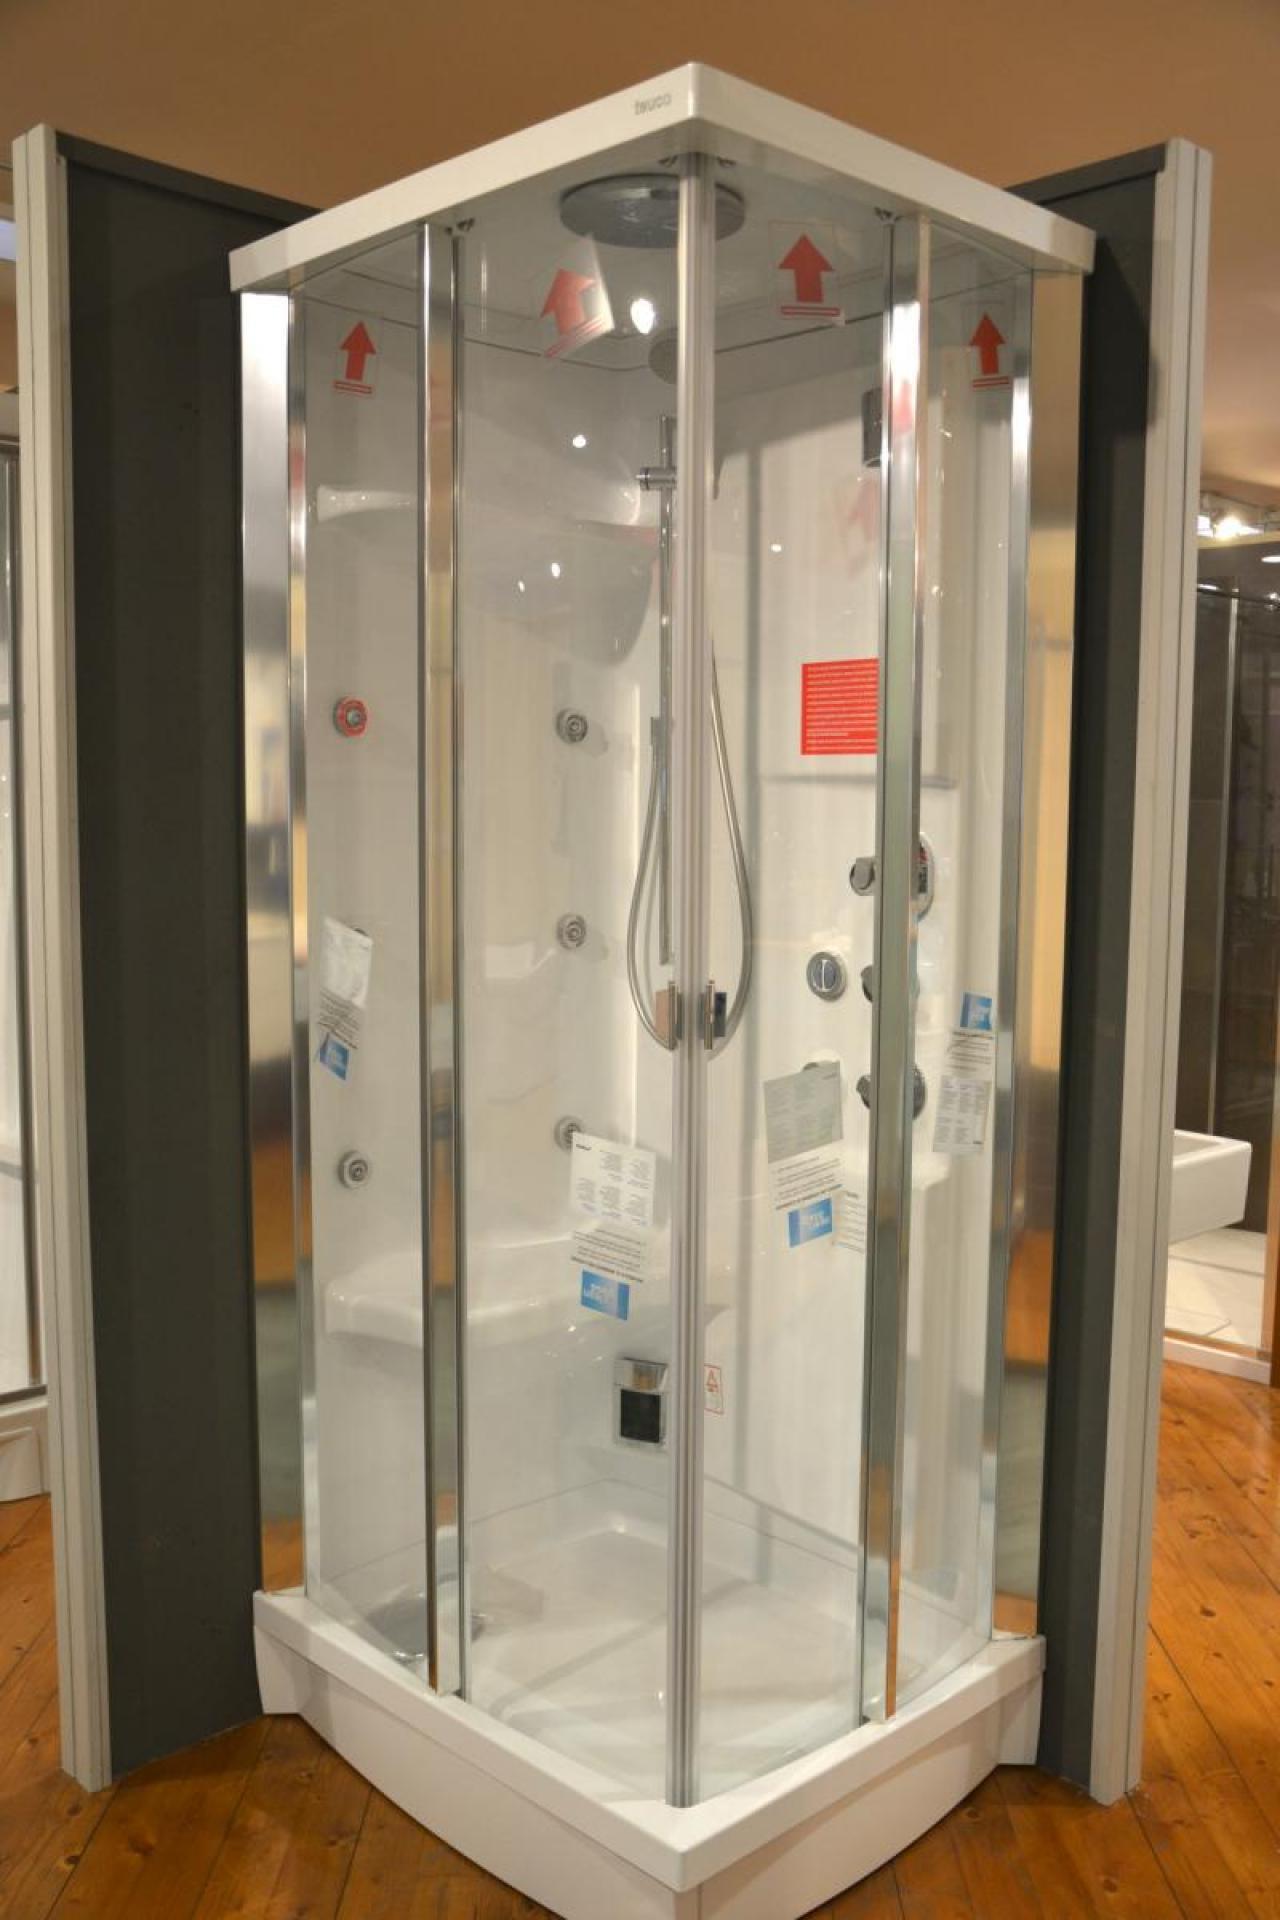 Cabina doccia multifunzione 90x75 prezzo outlet - Cabina doccia teuco prezzi ...